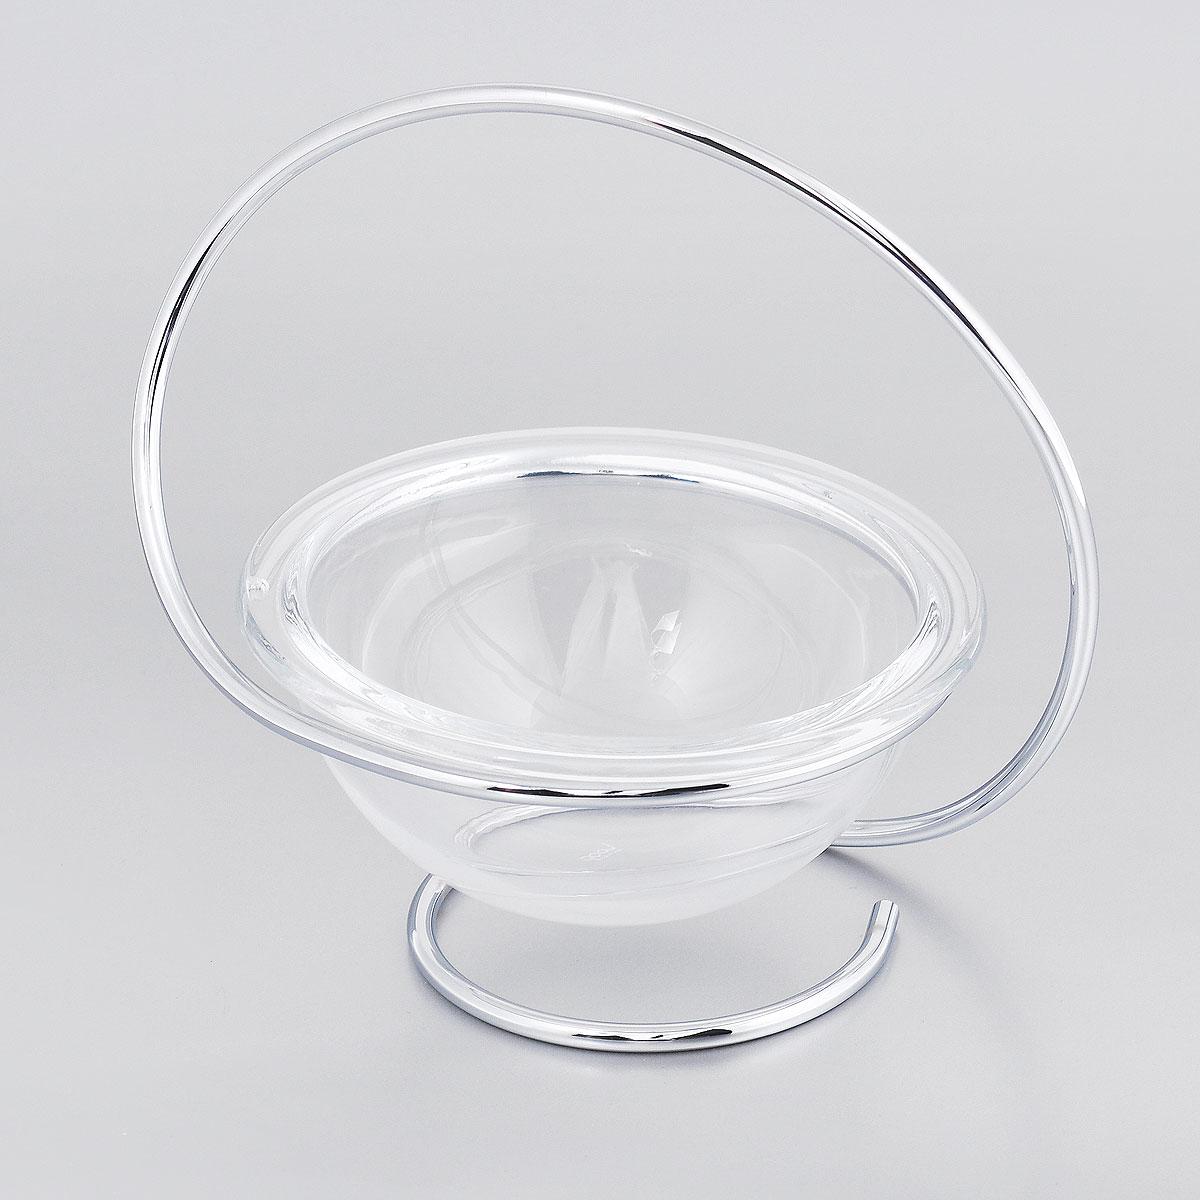 Чаша Black+Blum Loop, на подставке, диаметр 12 смNO002Чаша на подставке Black+Blum Loop имеет элегантную и лаконичную форму. Подставка выполнена непрерывной стальной нитью с хромированным покрытием, извивающейся по законам спирали Фибоначчи. Стеклянная чаша для различных закусок и сладостей завершают идеальную композицию. Безупречность линий, стиль, изящество и гармония объединяют коллекцию Loop Maison. Дизайнеры марки Black+Blum при разработке коллекции вдохновились формами спирали Фибоначчи. Контуры этой спирали встречаются в природе повсюду: и в форме маленькой ракушки, и в изгибе большой волны. По своим пропорциям она приближается к Золотому сечению, которое лежит в основе красоты и гармонии окружающего мира. Такая чаша станет украшением вашей кухни, а также замечательным подарком всем ценителям красоты. Диаметр чаши: 12 см. Высота подставки: 15 см.